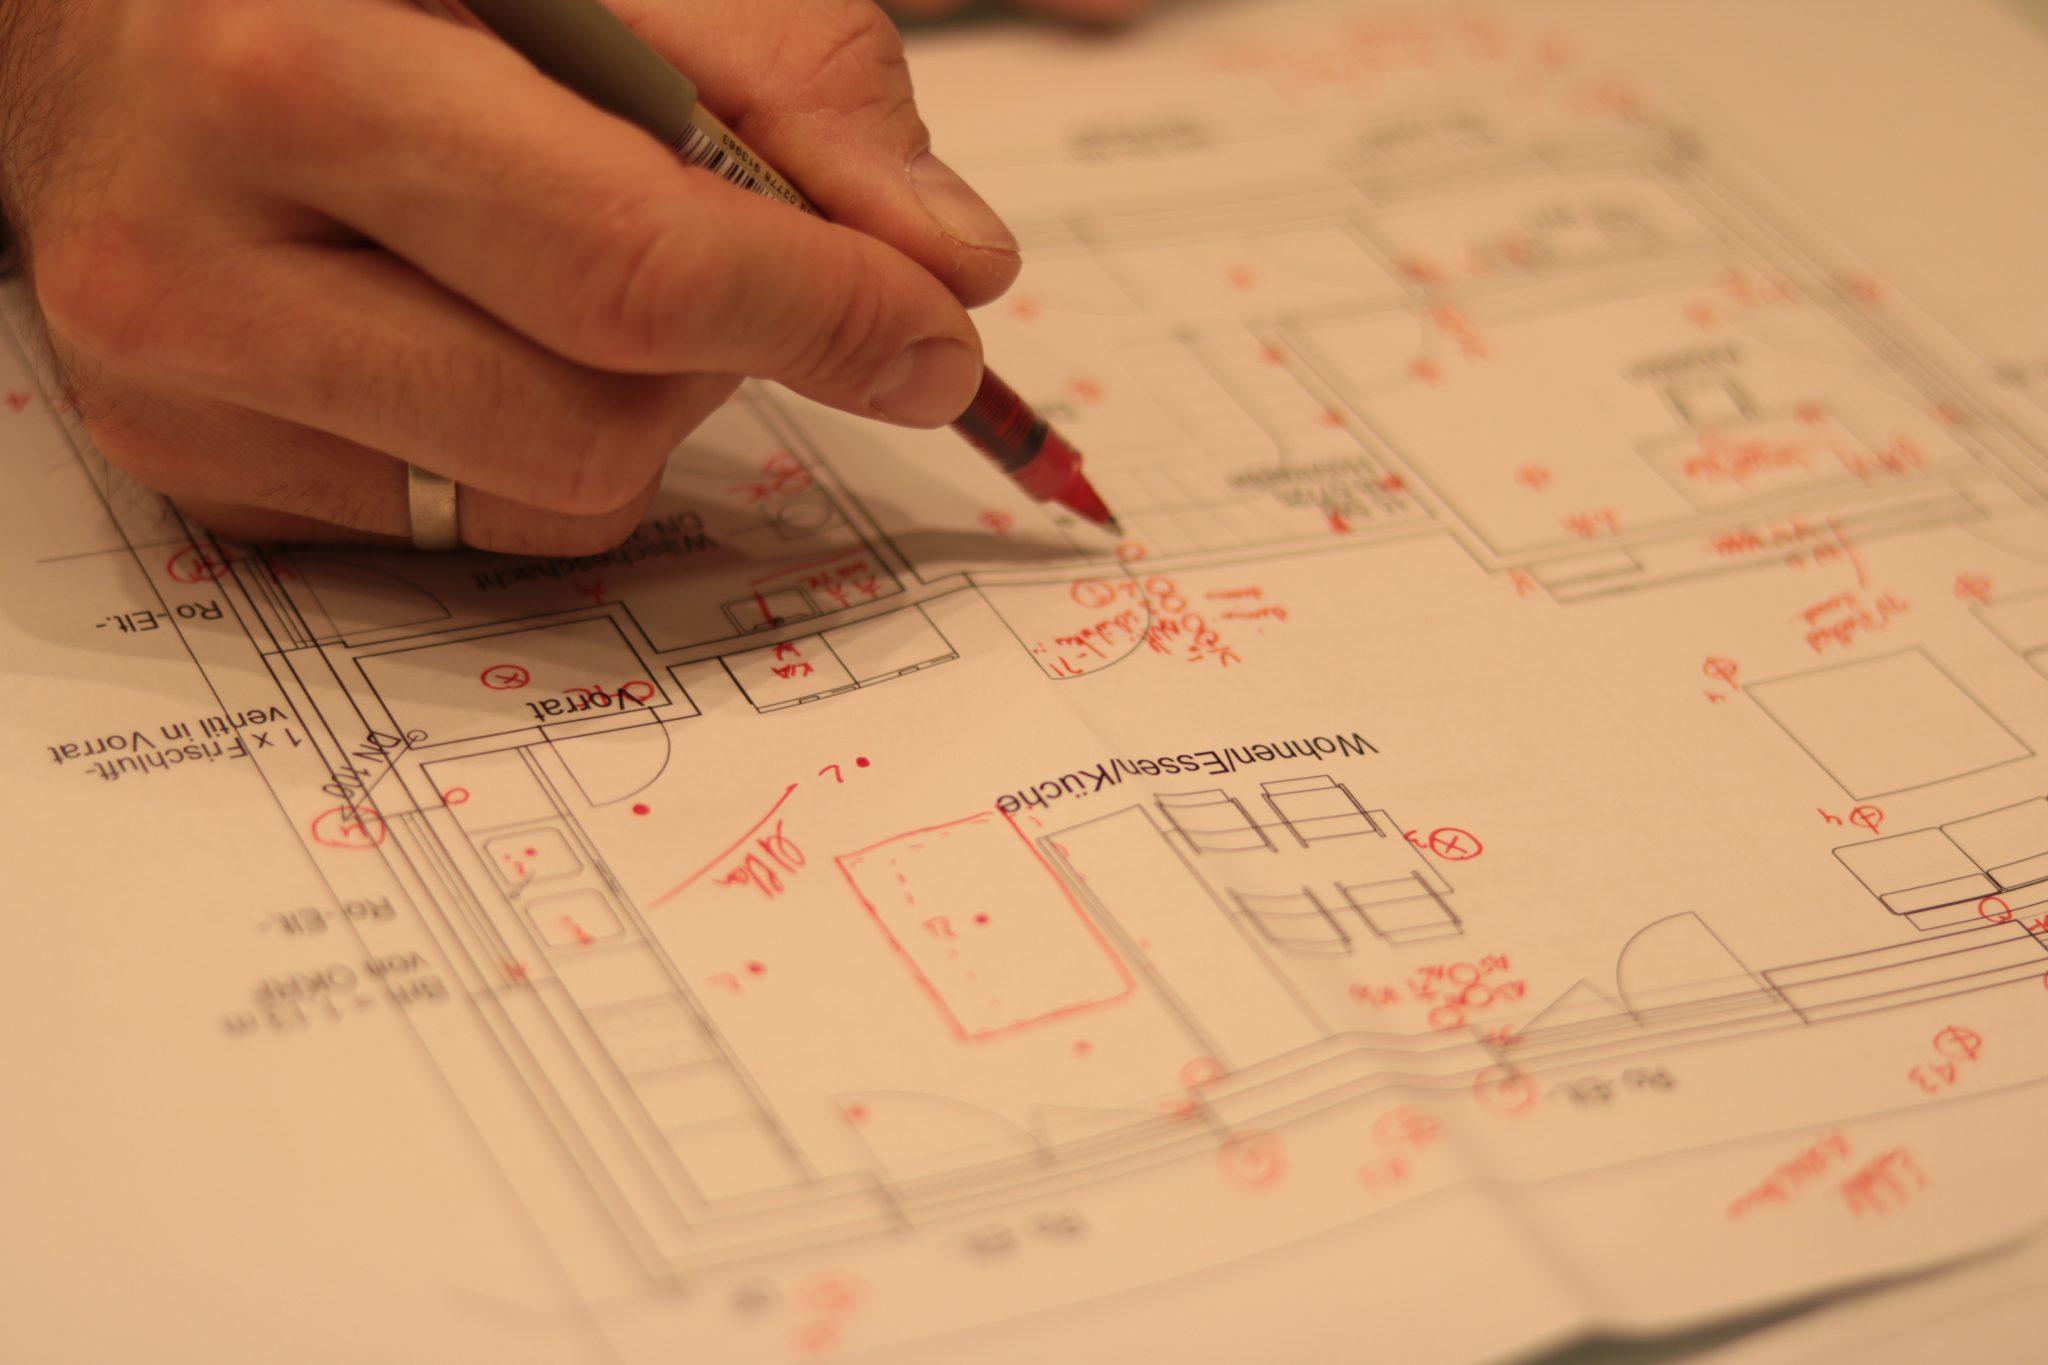 hausbau-blog-bautagebuch-elektrik-planen-steckdosen-lichtschalter